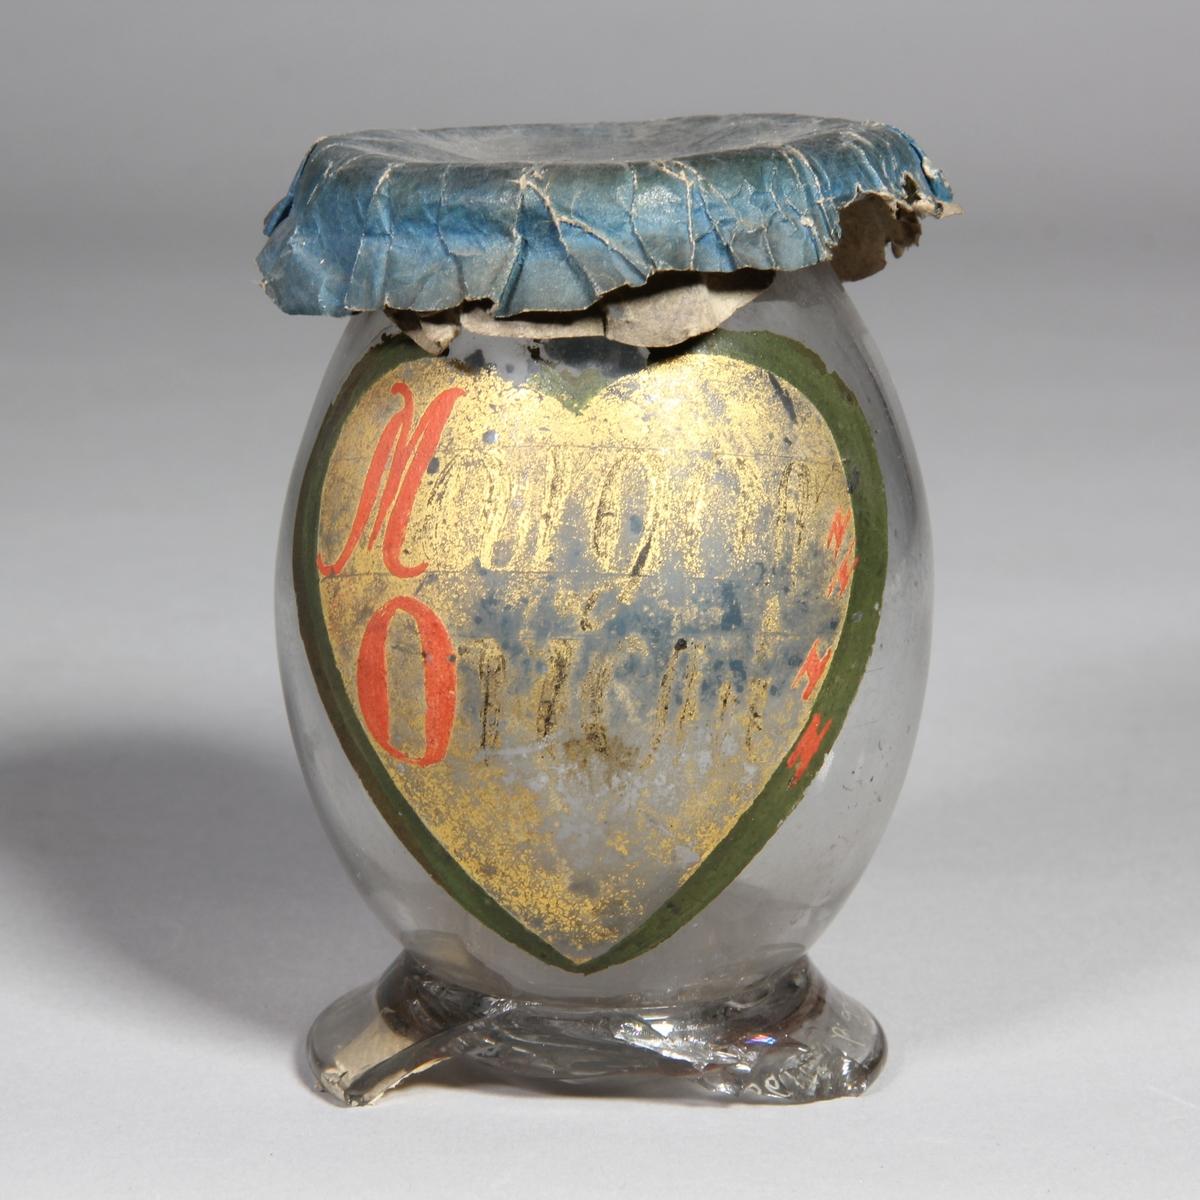 Burk av klart glas. Rundad med utvikt fot, överbundet lock av papper. Två målade etiketter, den ena hjärtformad med text och den andra utan text.